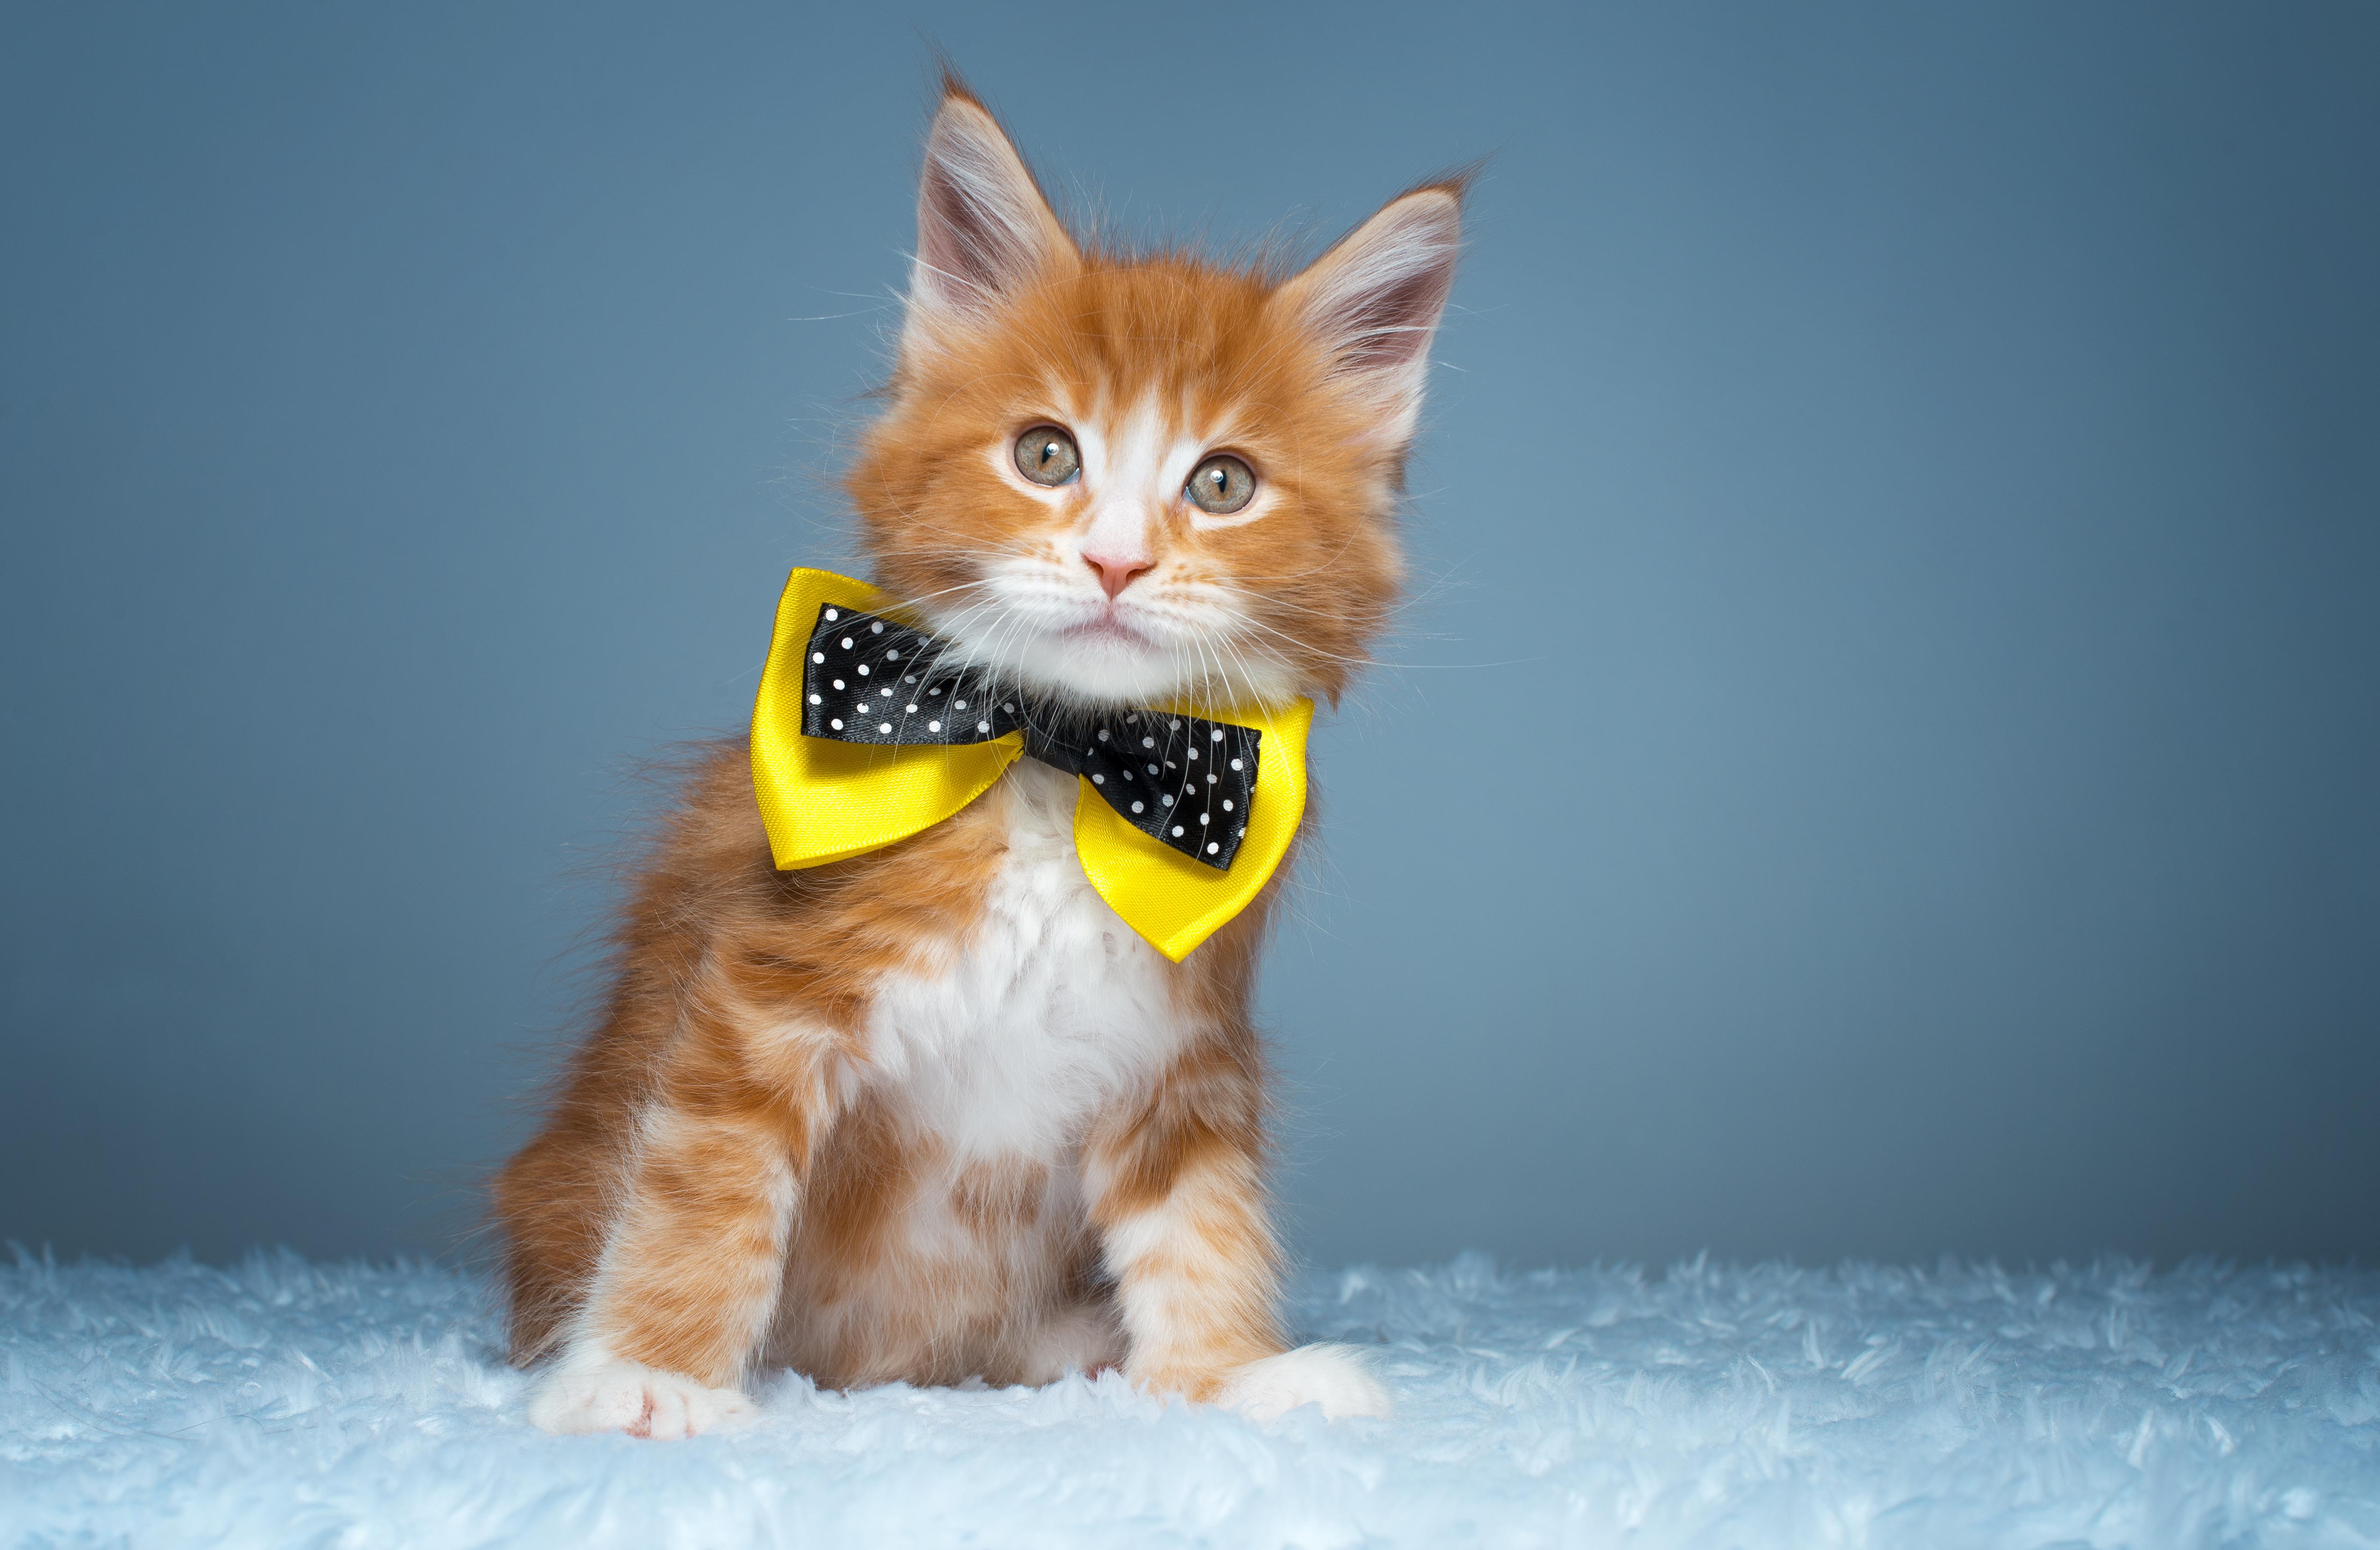 Картинка: Котик, рыжий, бантик, мех